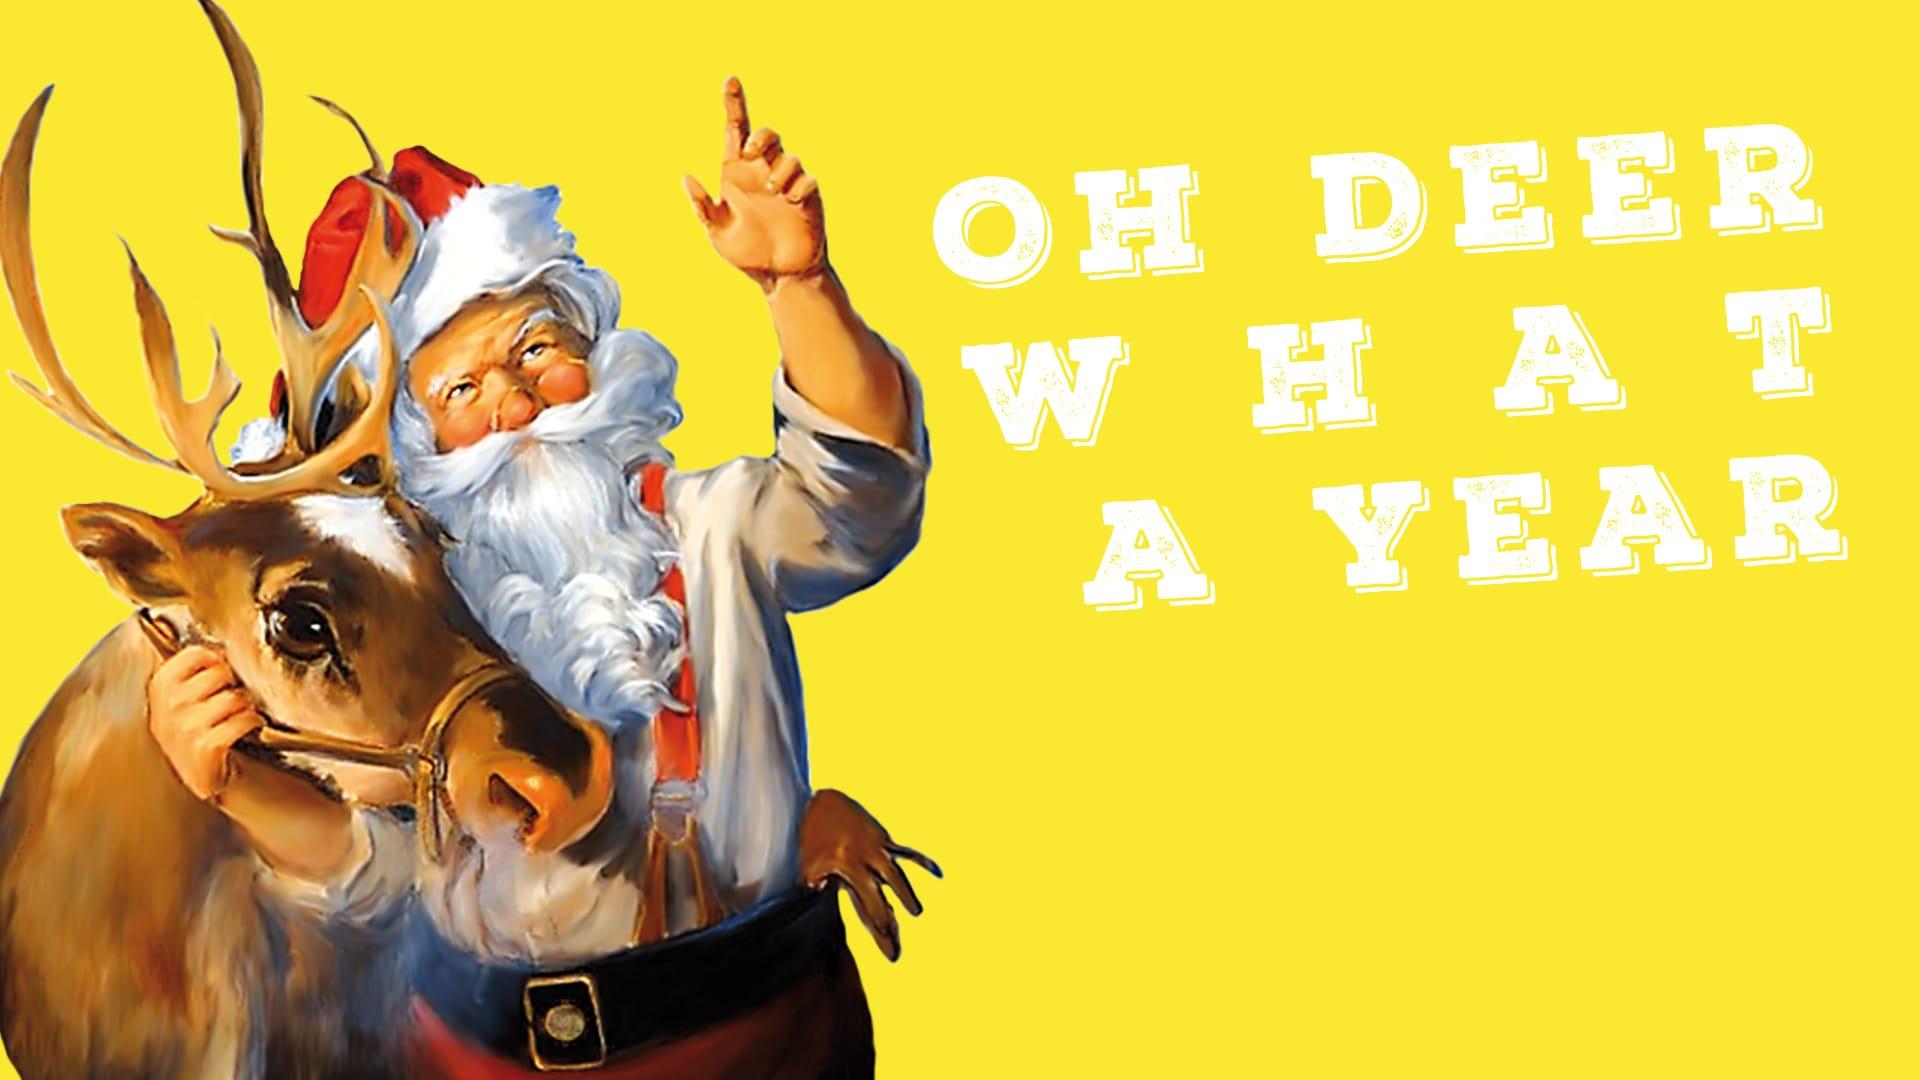 Oh deer what a year!Weihnachtsgrüße von kommunikativ